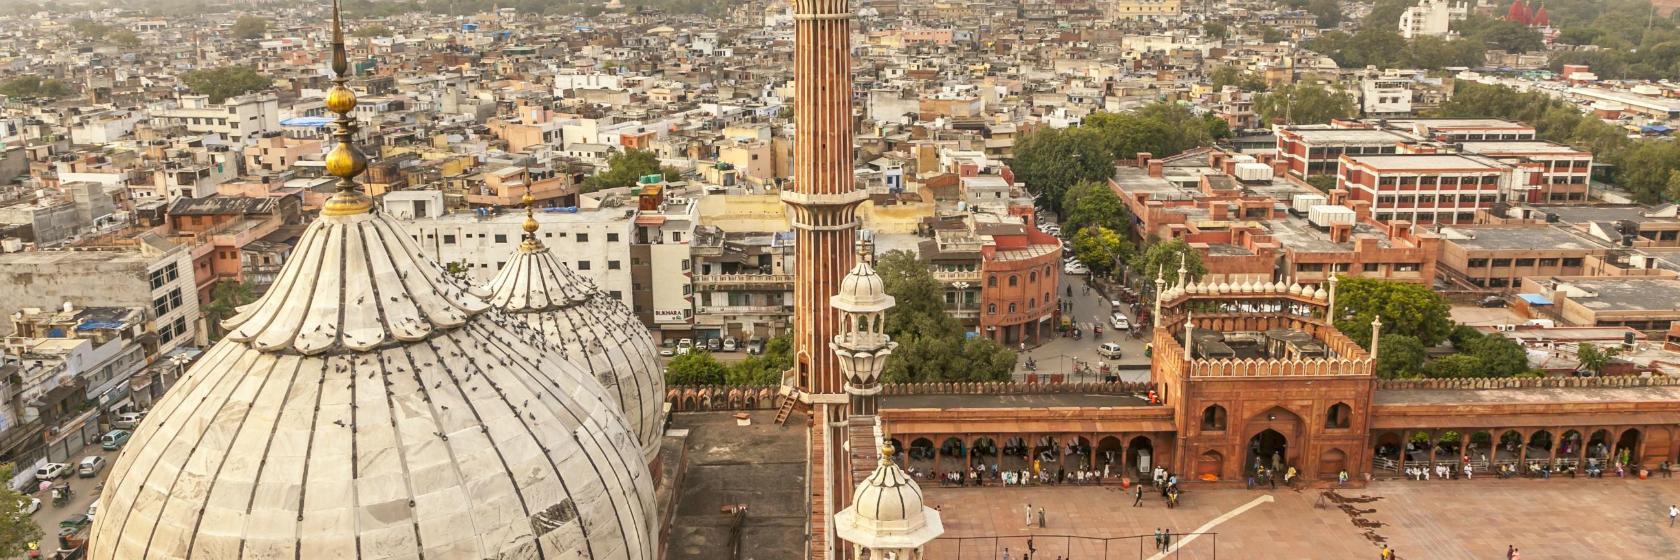 Delhi (دهلی)